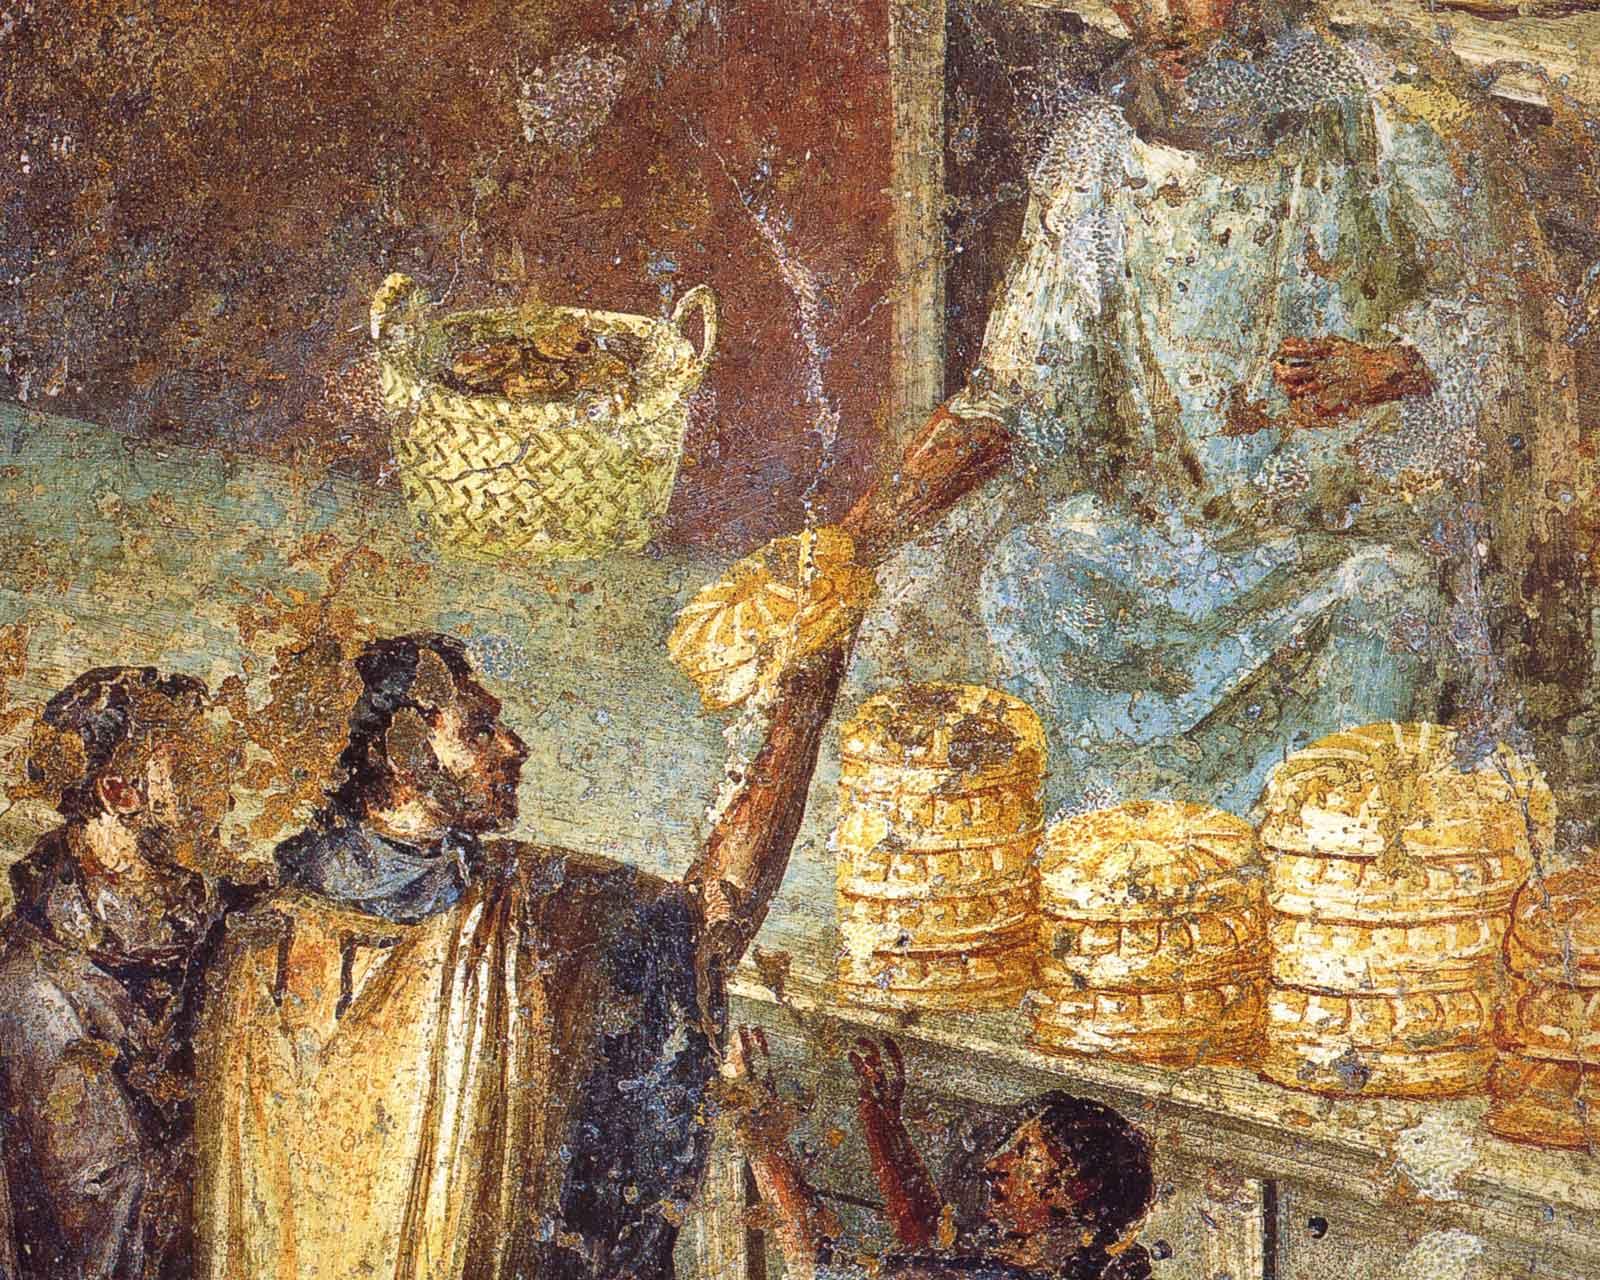 Эдил, раздающий хлеб городской бедноте. Фреска из Помпеи.